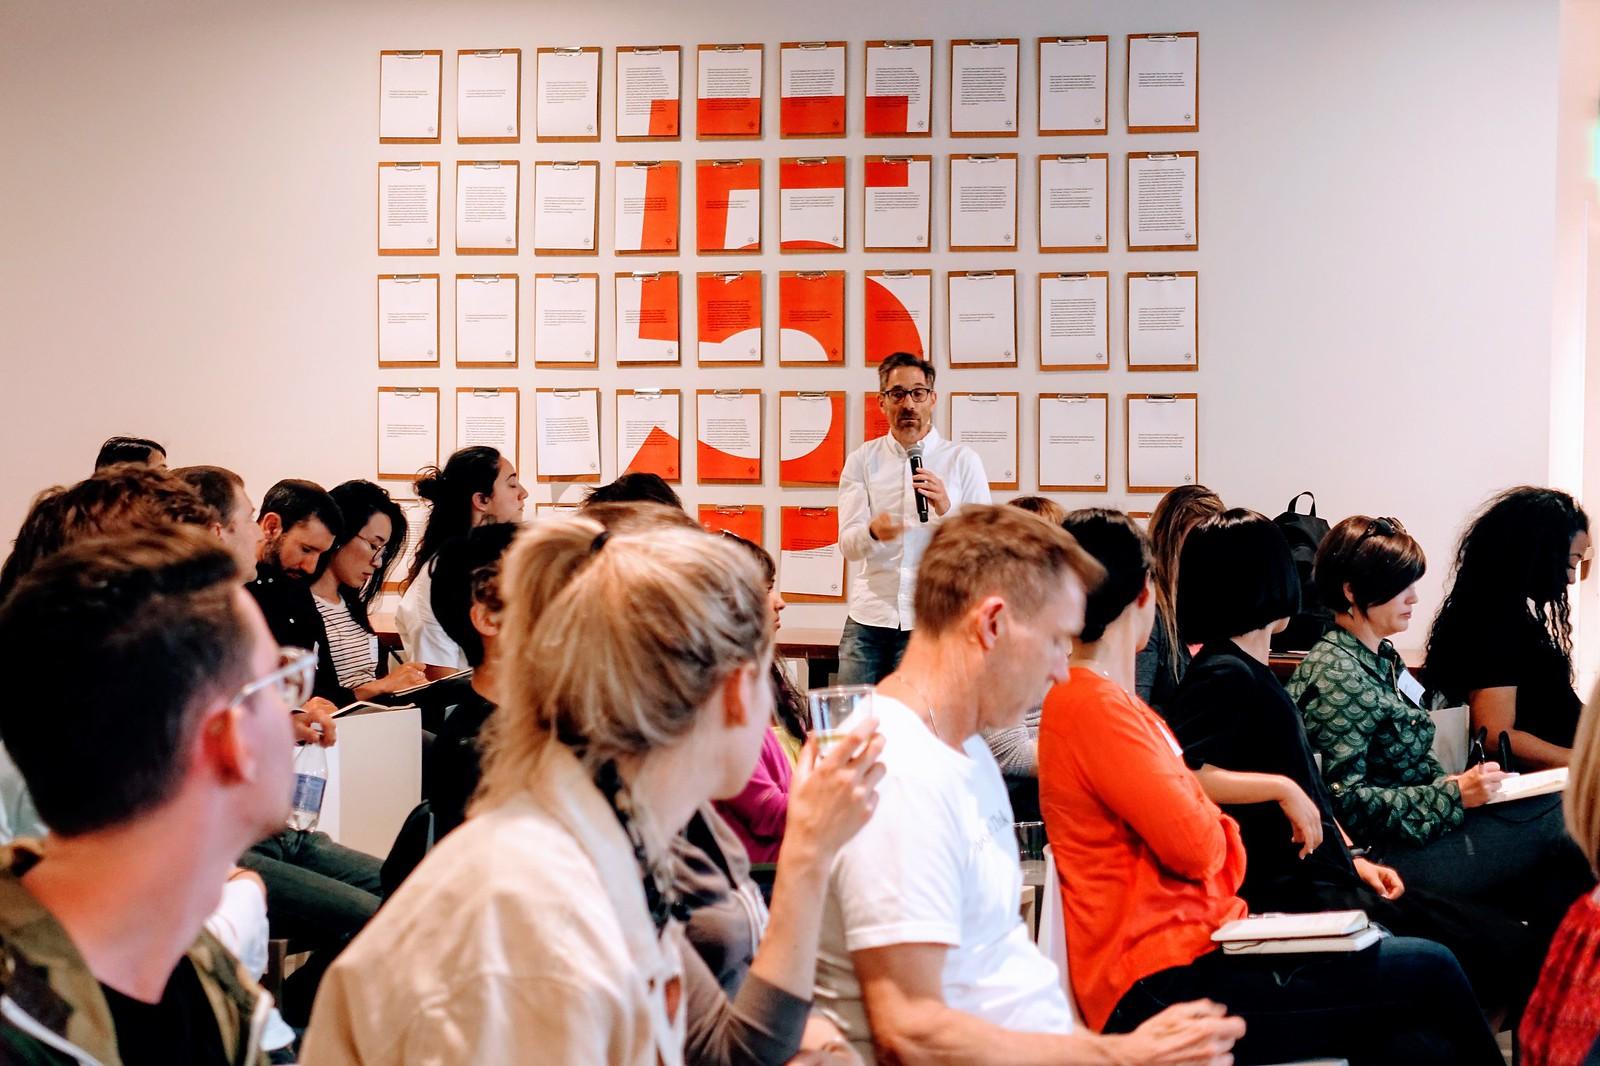 IxDA SF at Design Week 2019: The impact of AI and Social Media